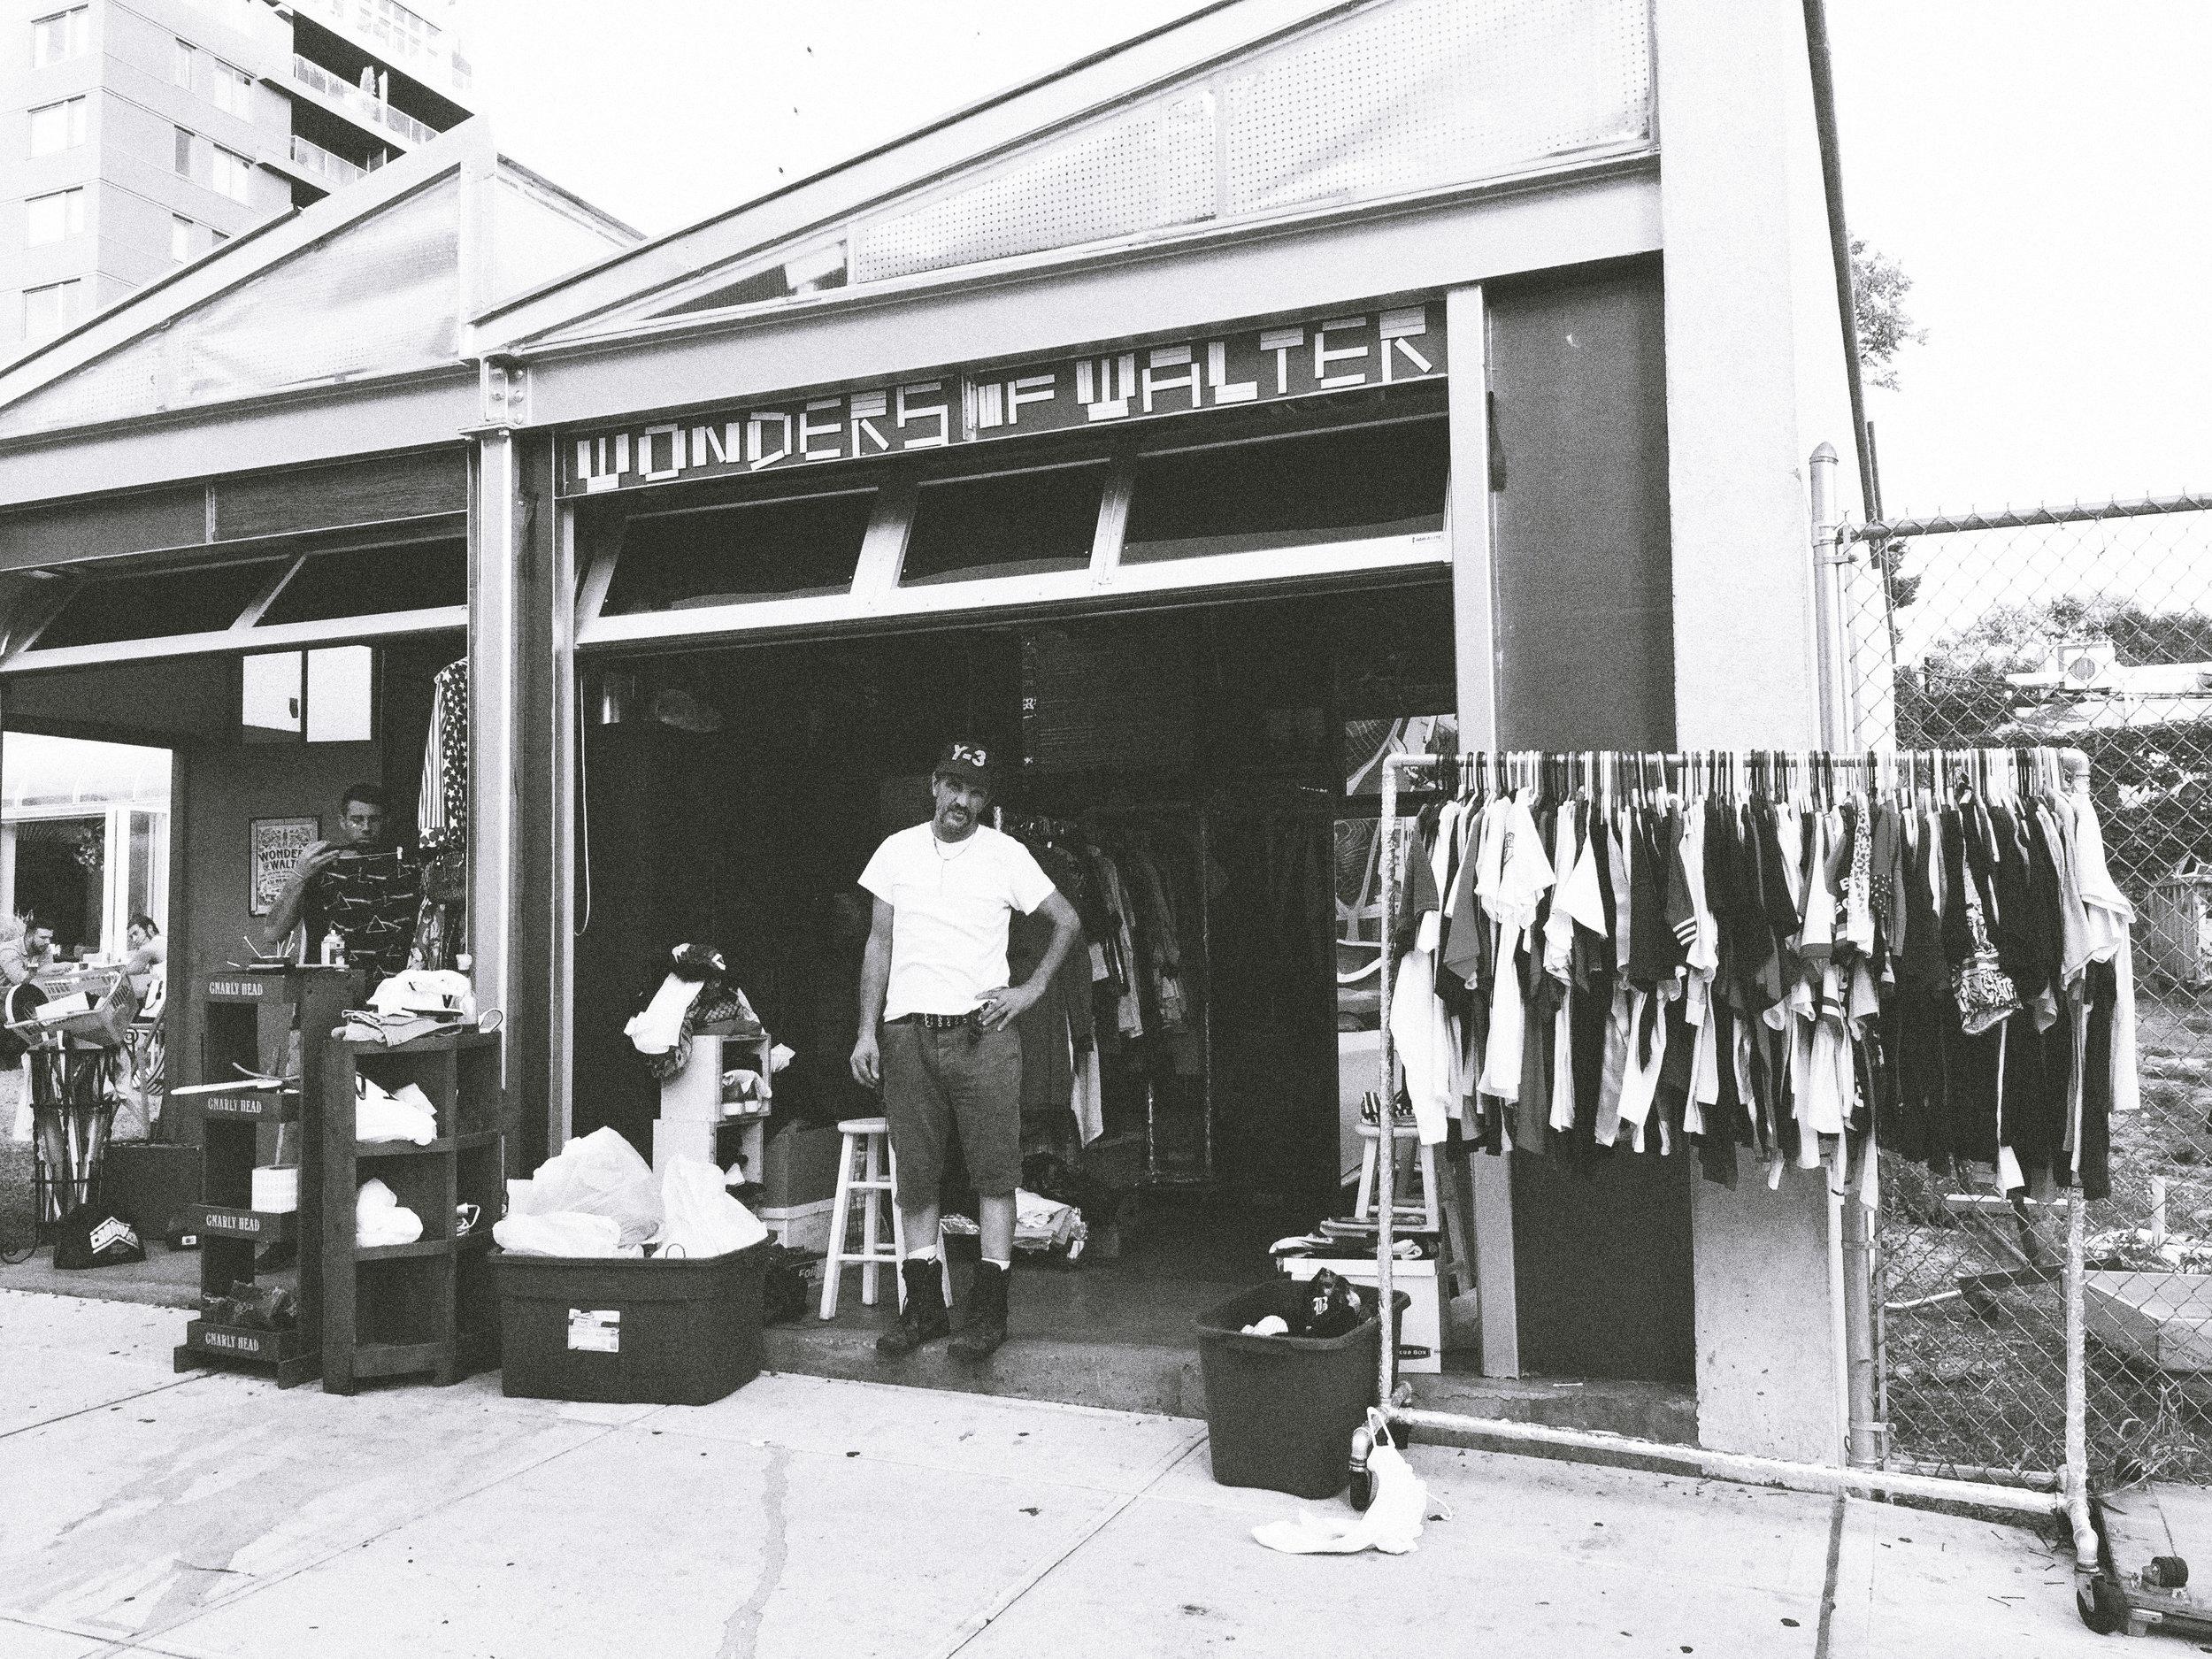 wonders of walter storefront.jpg